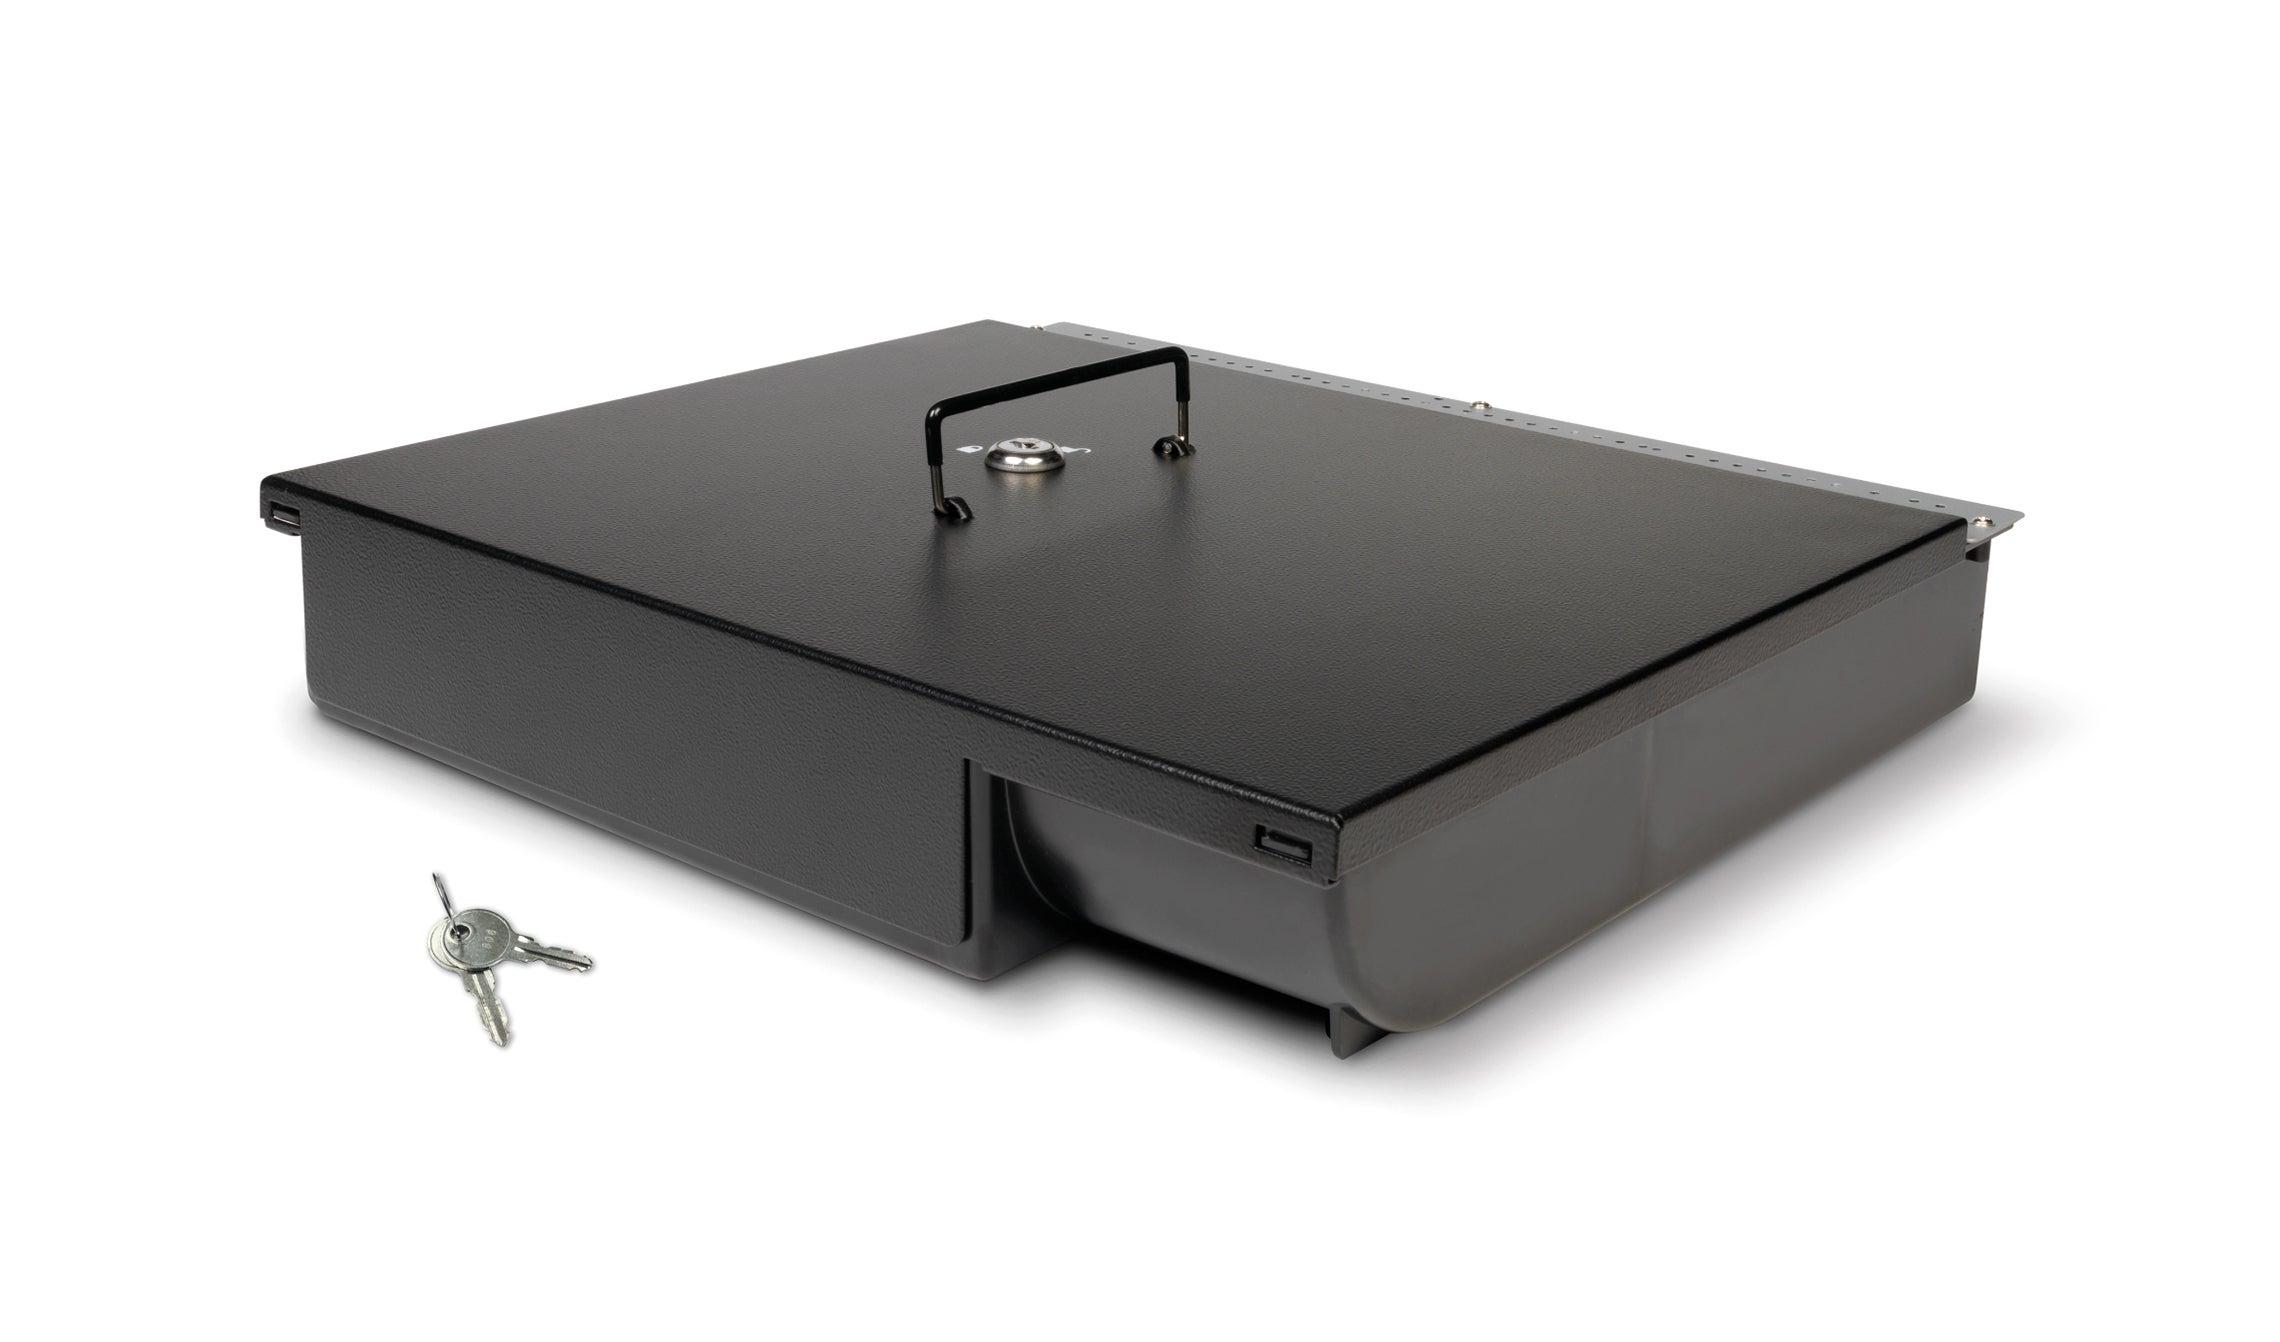 safescan-4141l-lockable-lid